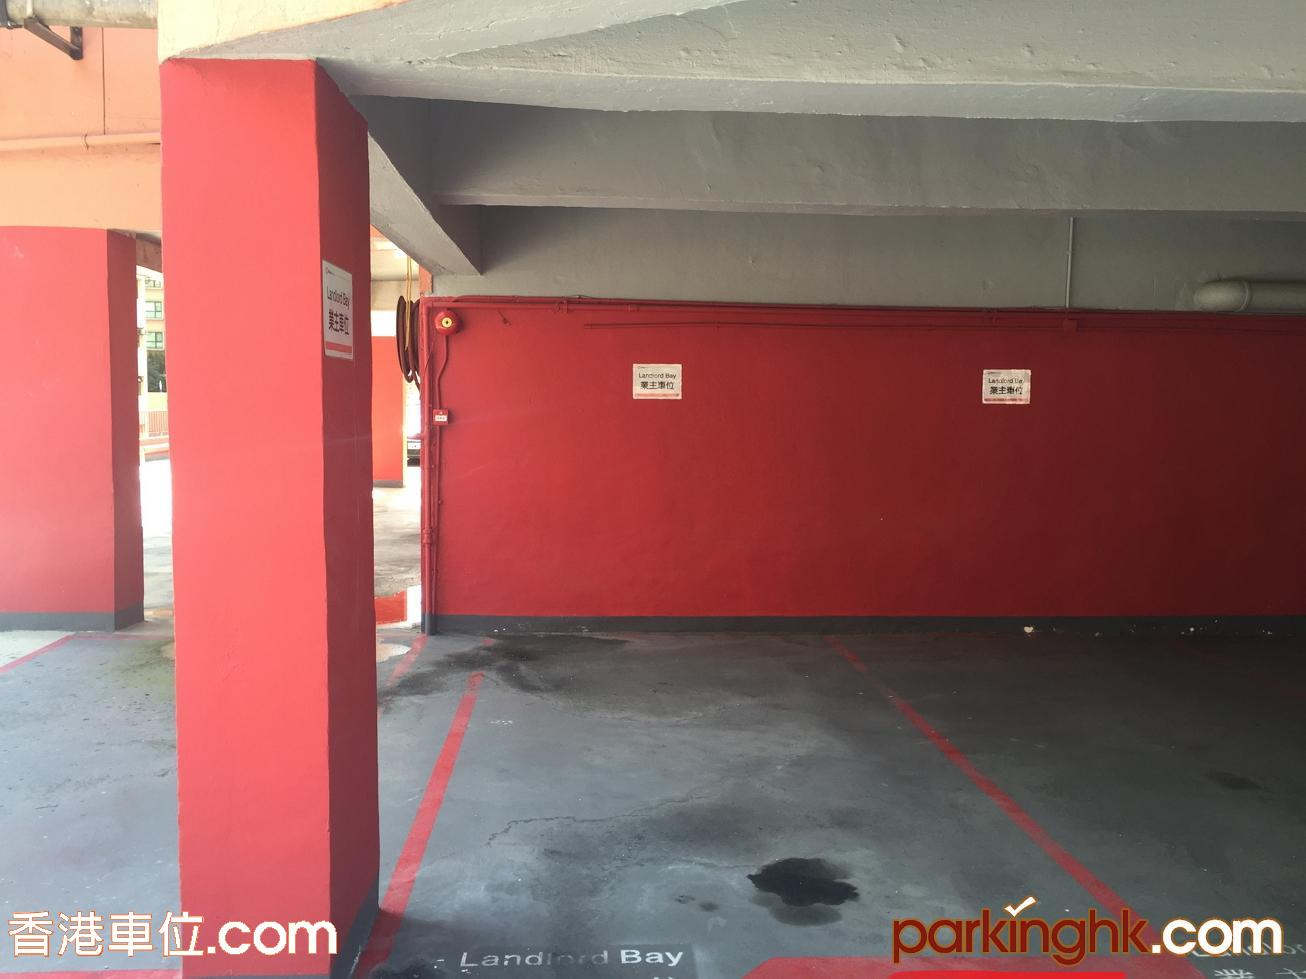 新蒲崗車位 爵祿街 康景樓 車位 圖片 香港車位.com ParkingHK.com